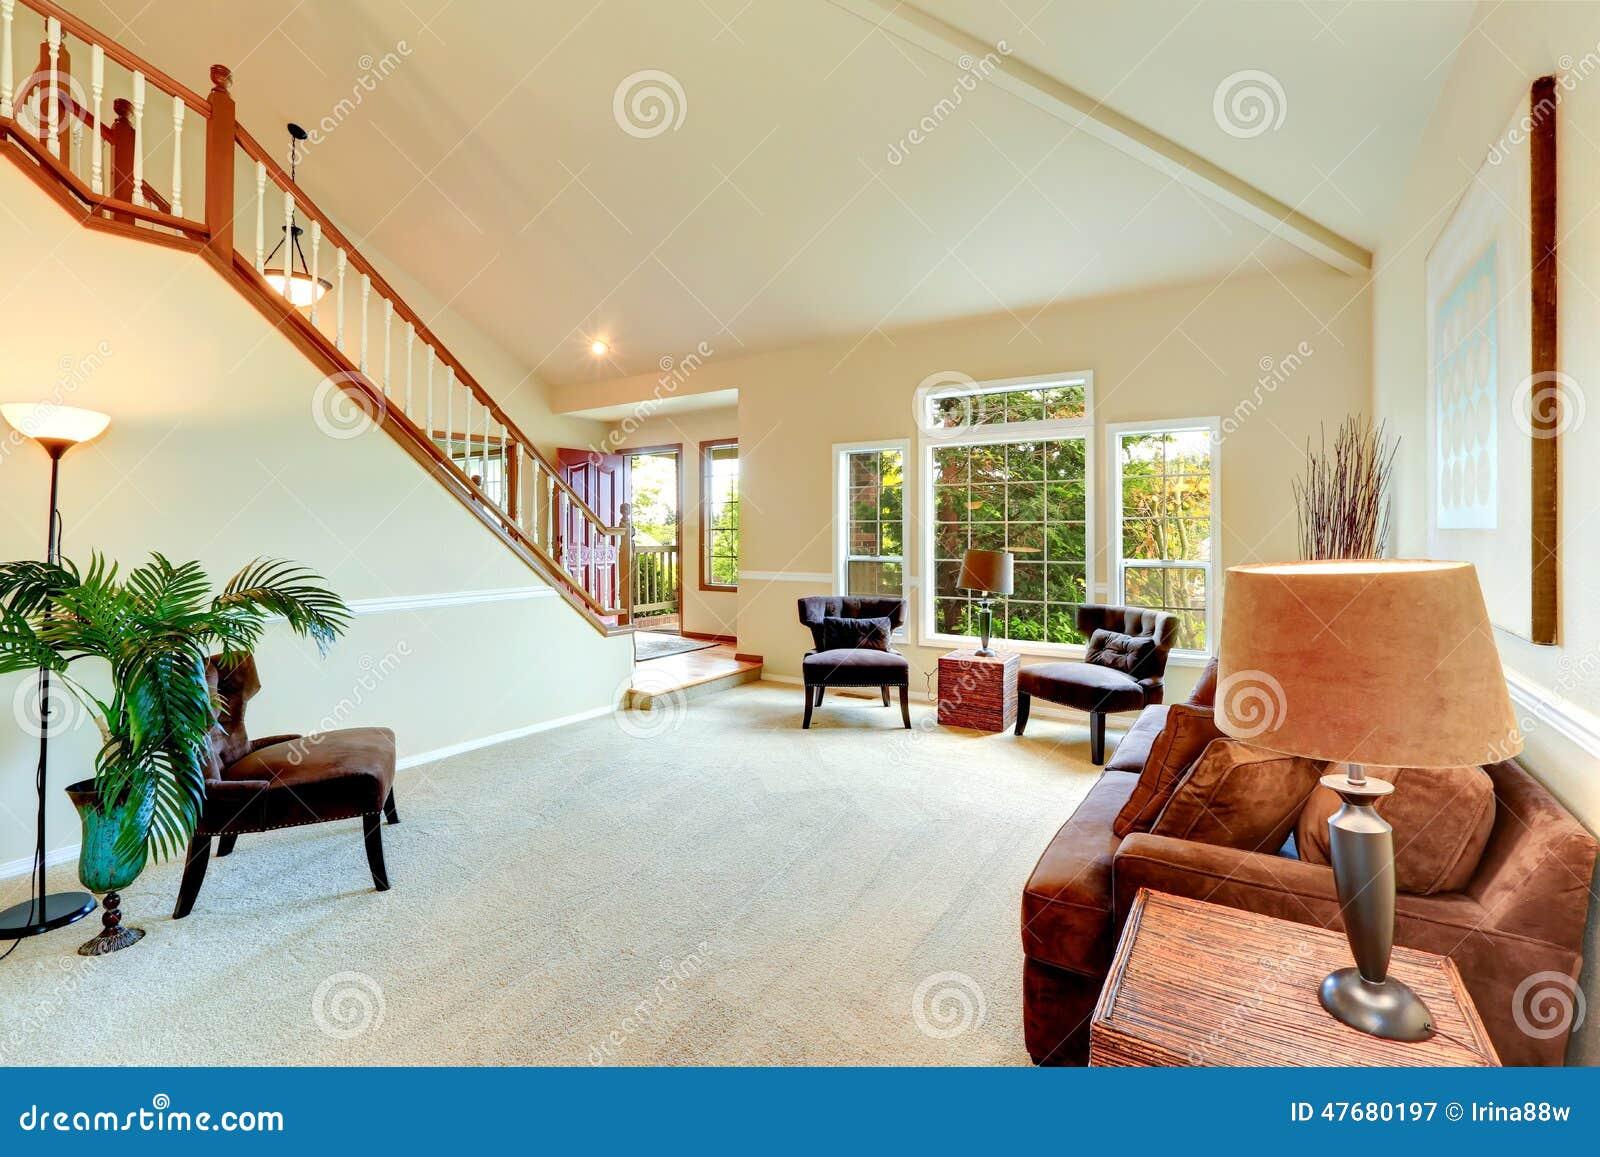 Eclairage salon plafond haut id e for Eclairage plafond salon